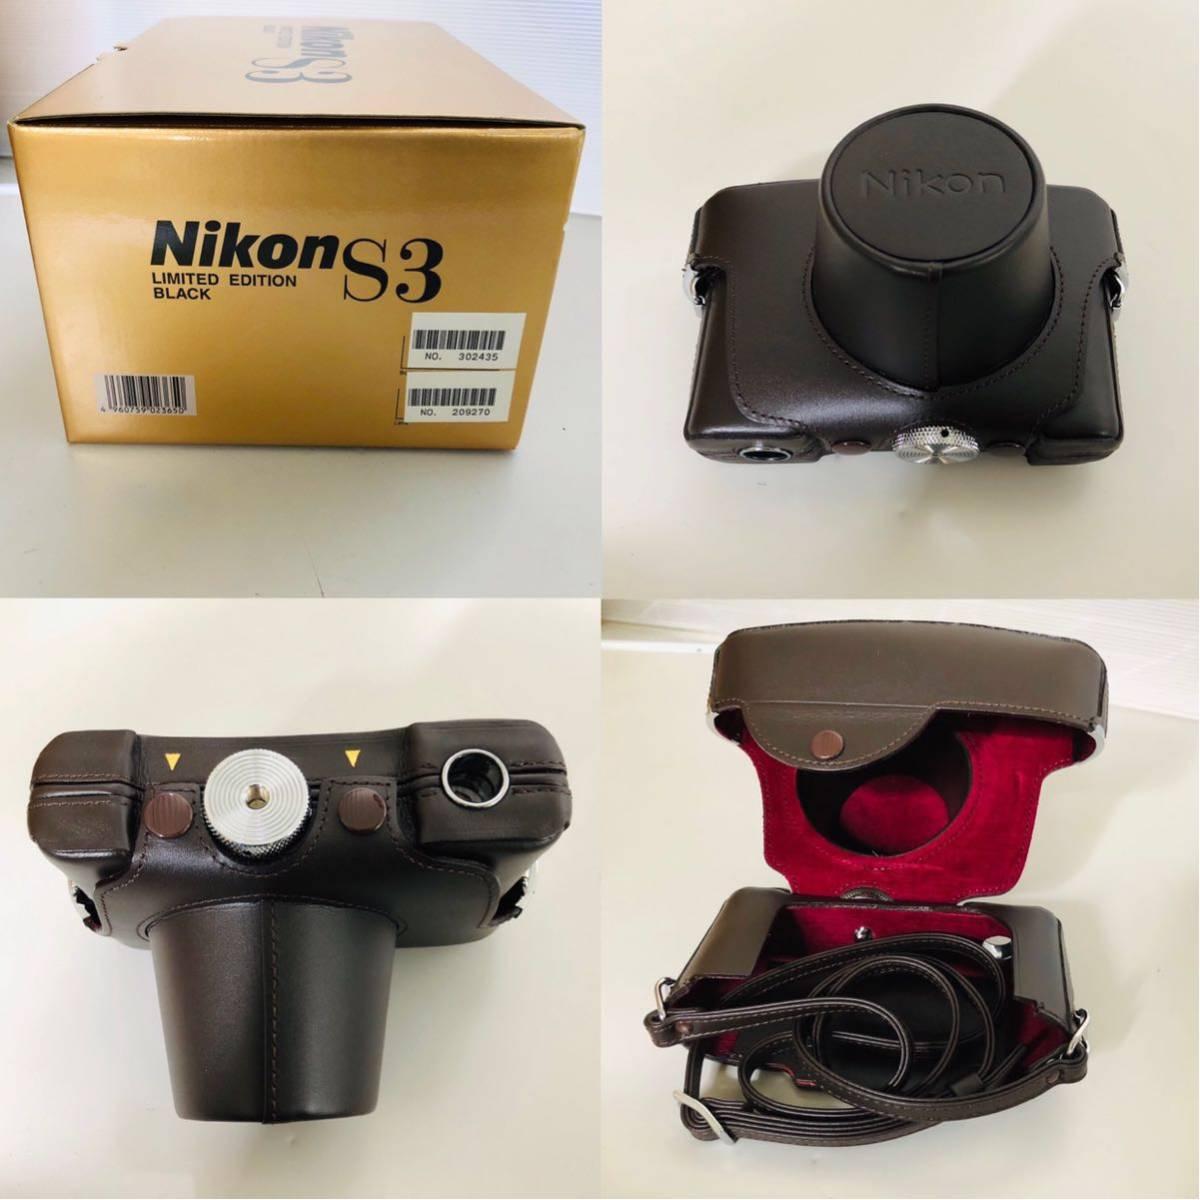 【未使用・美品】Nikon S3 LIMITED EDITION BLACK 50mm F1.4 302435_画像10